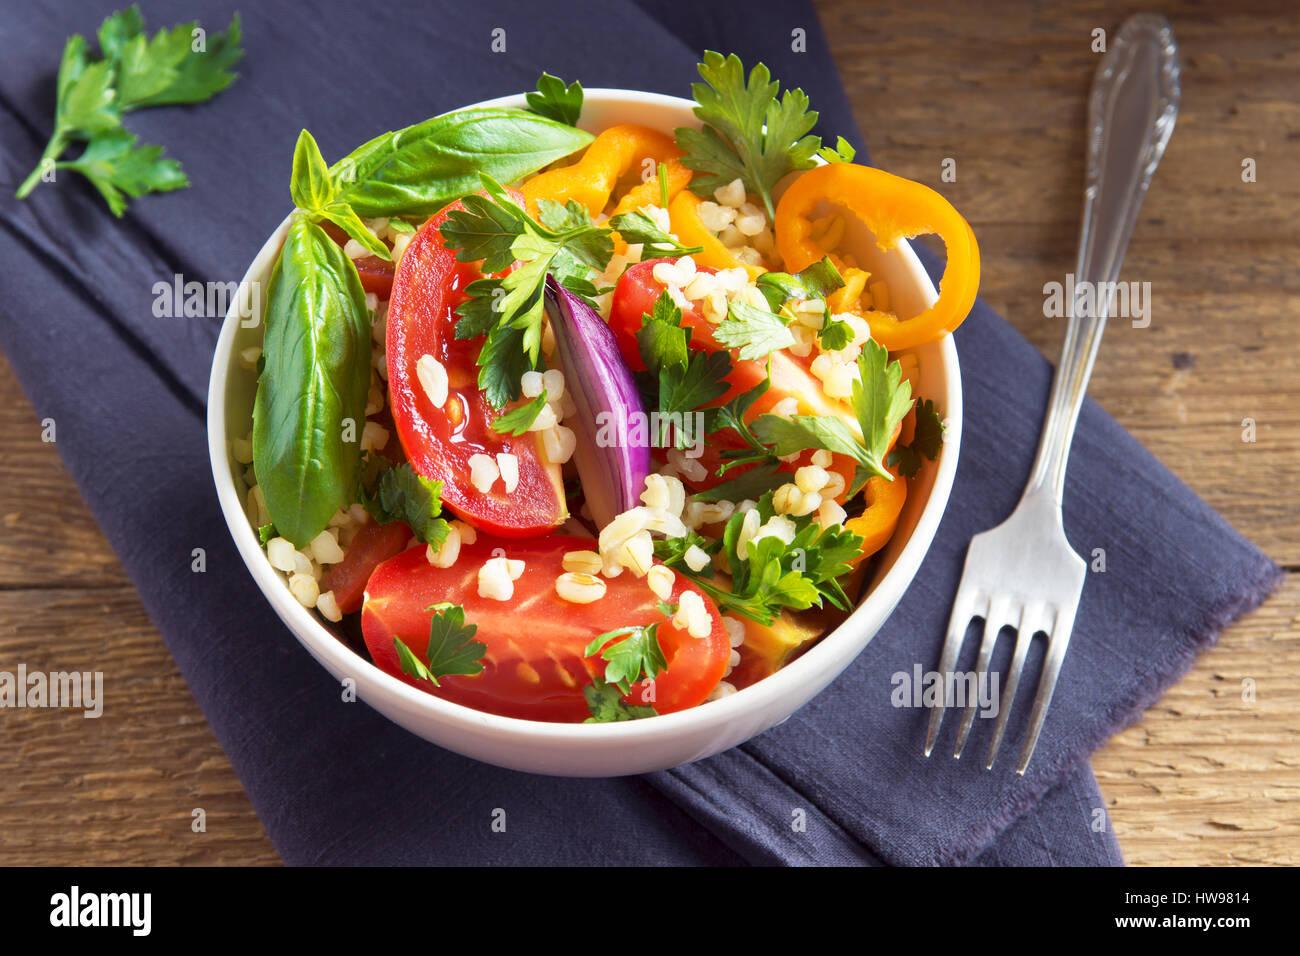 Frische Bio-Tomaten und Bulgur Couscoussalat Taboulé mit Gemüse und grünen - gesunde vegetarische Stockbild